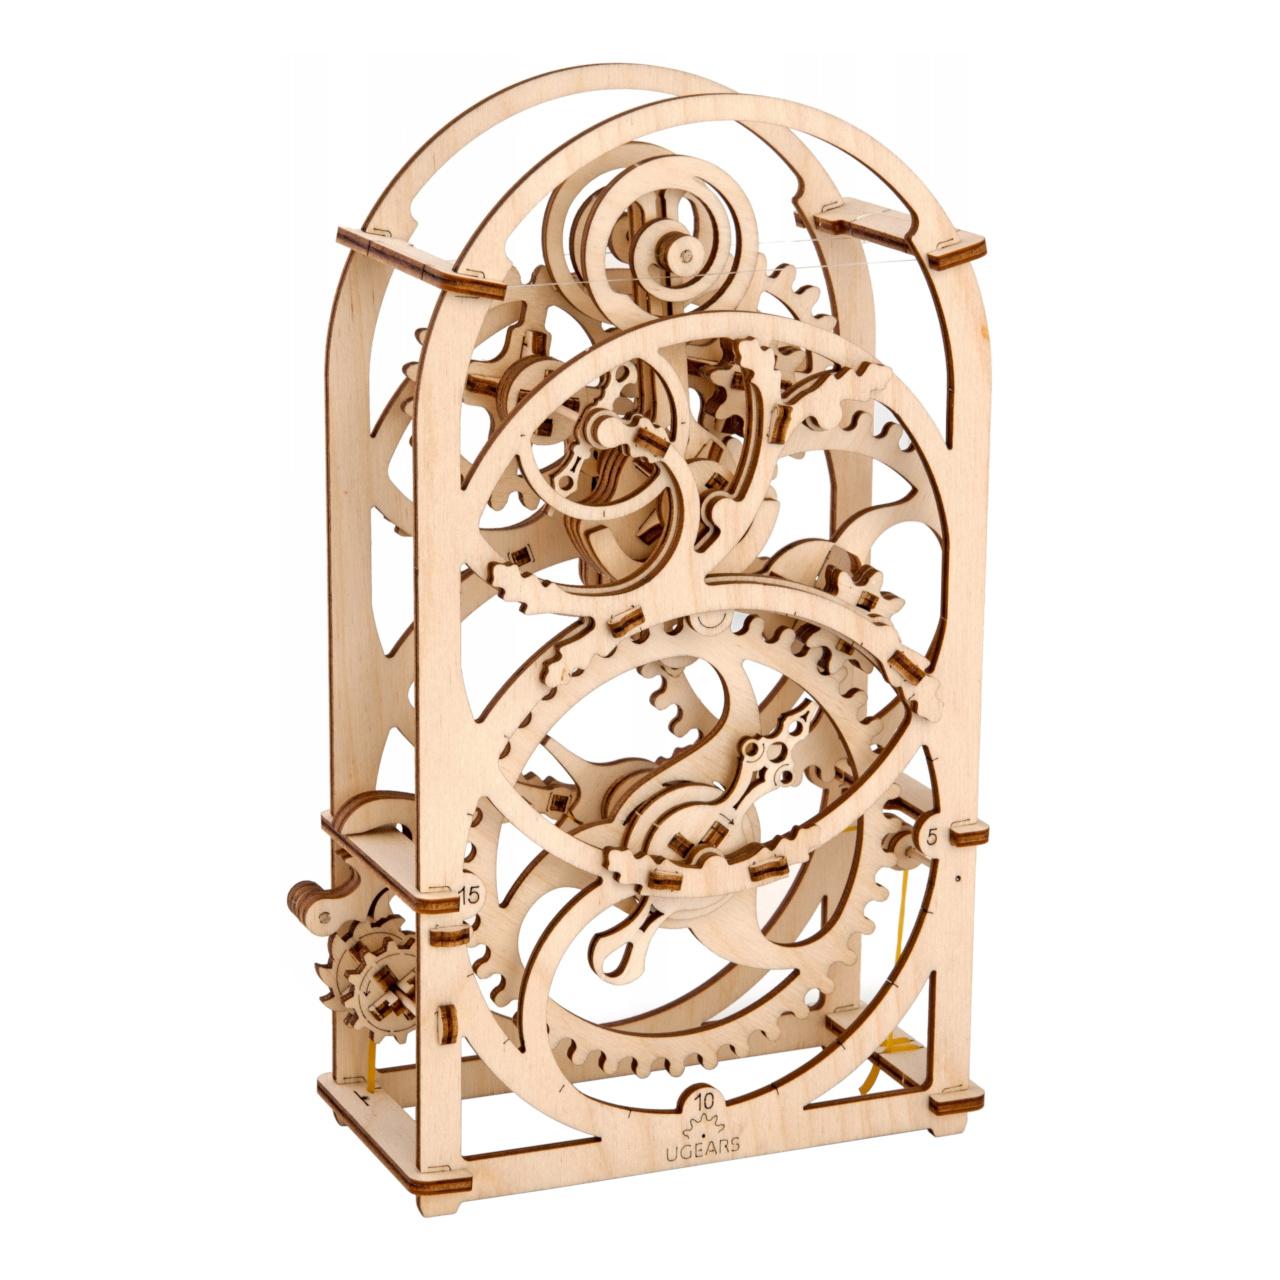 Ugears 3D dřevěné mechanické puzzle Hodinový strojek